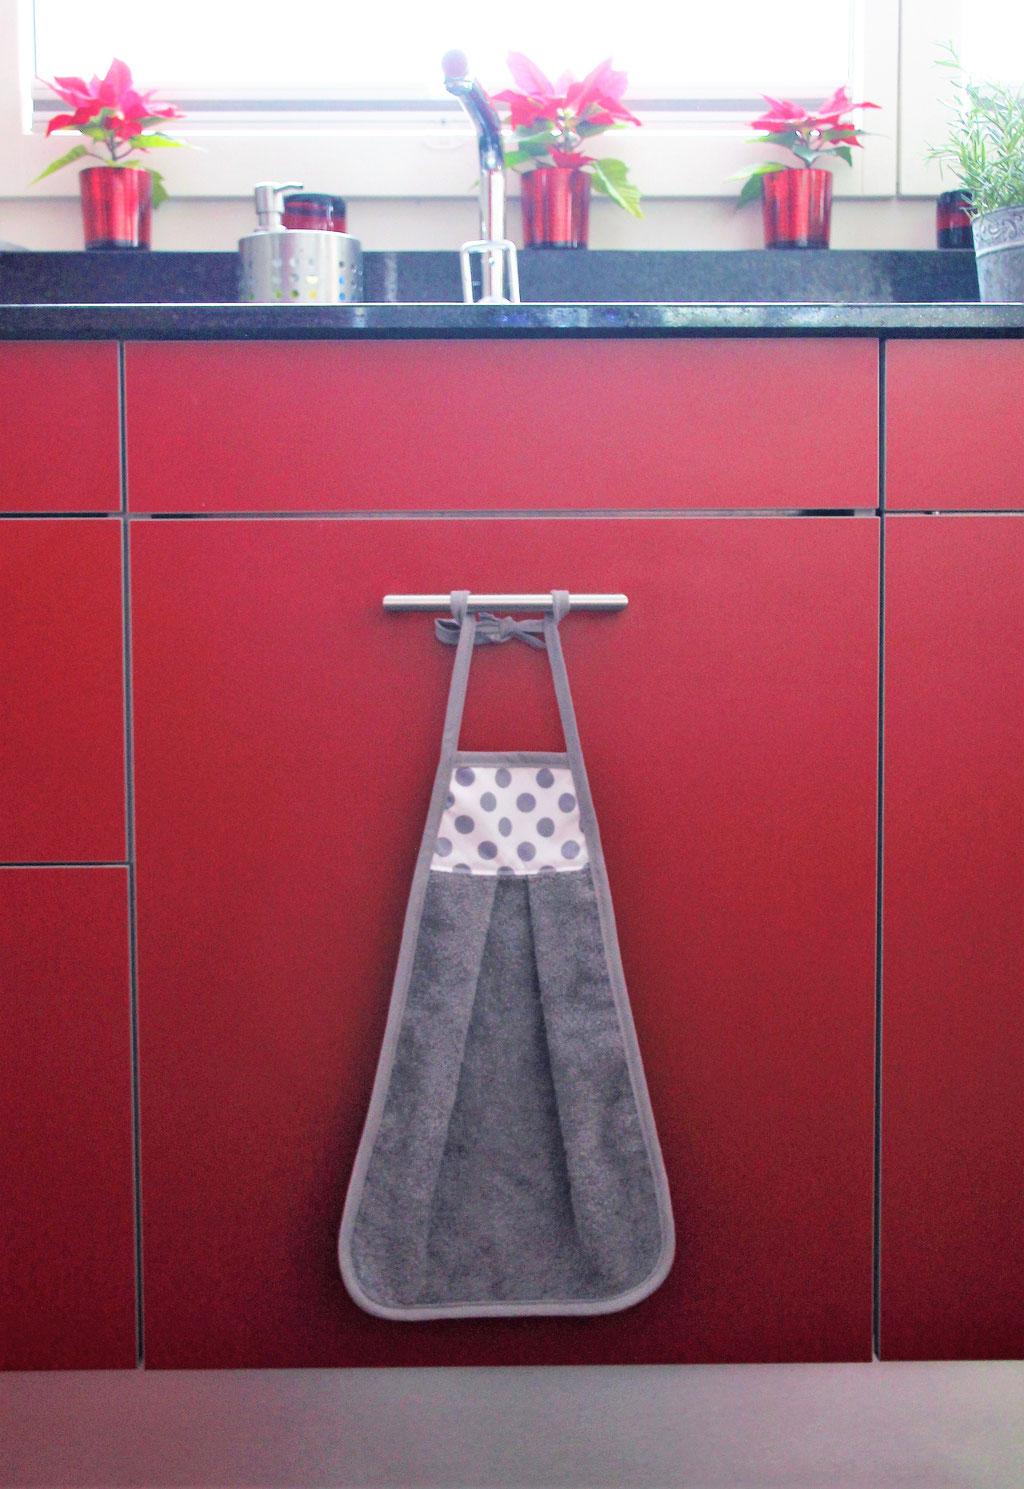 Das Htth Handetrockentuch Haendetrockentuchhandels Webseite